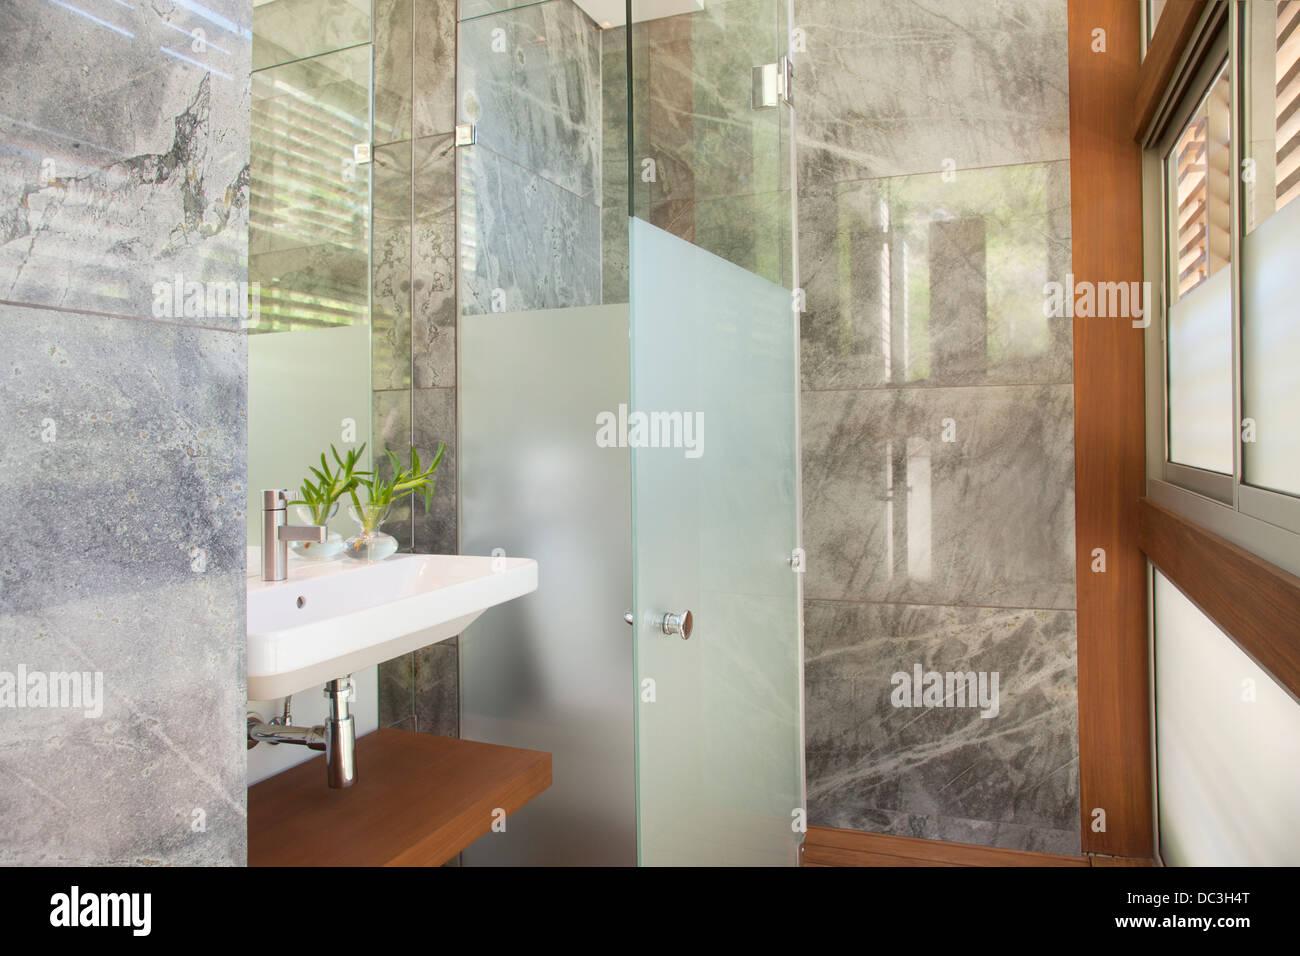 Bagni Moderni Con Doccia : Bagno moderno con doccia in marmo foto immagine stock